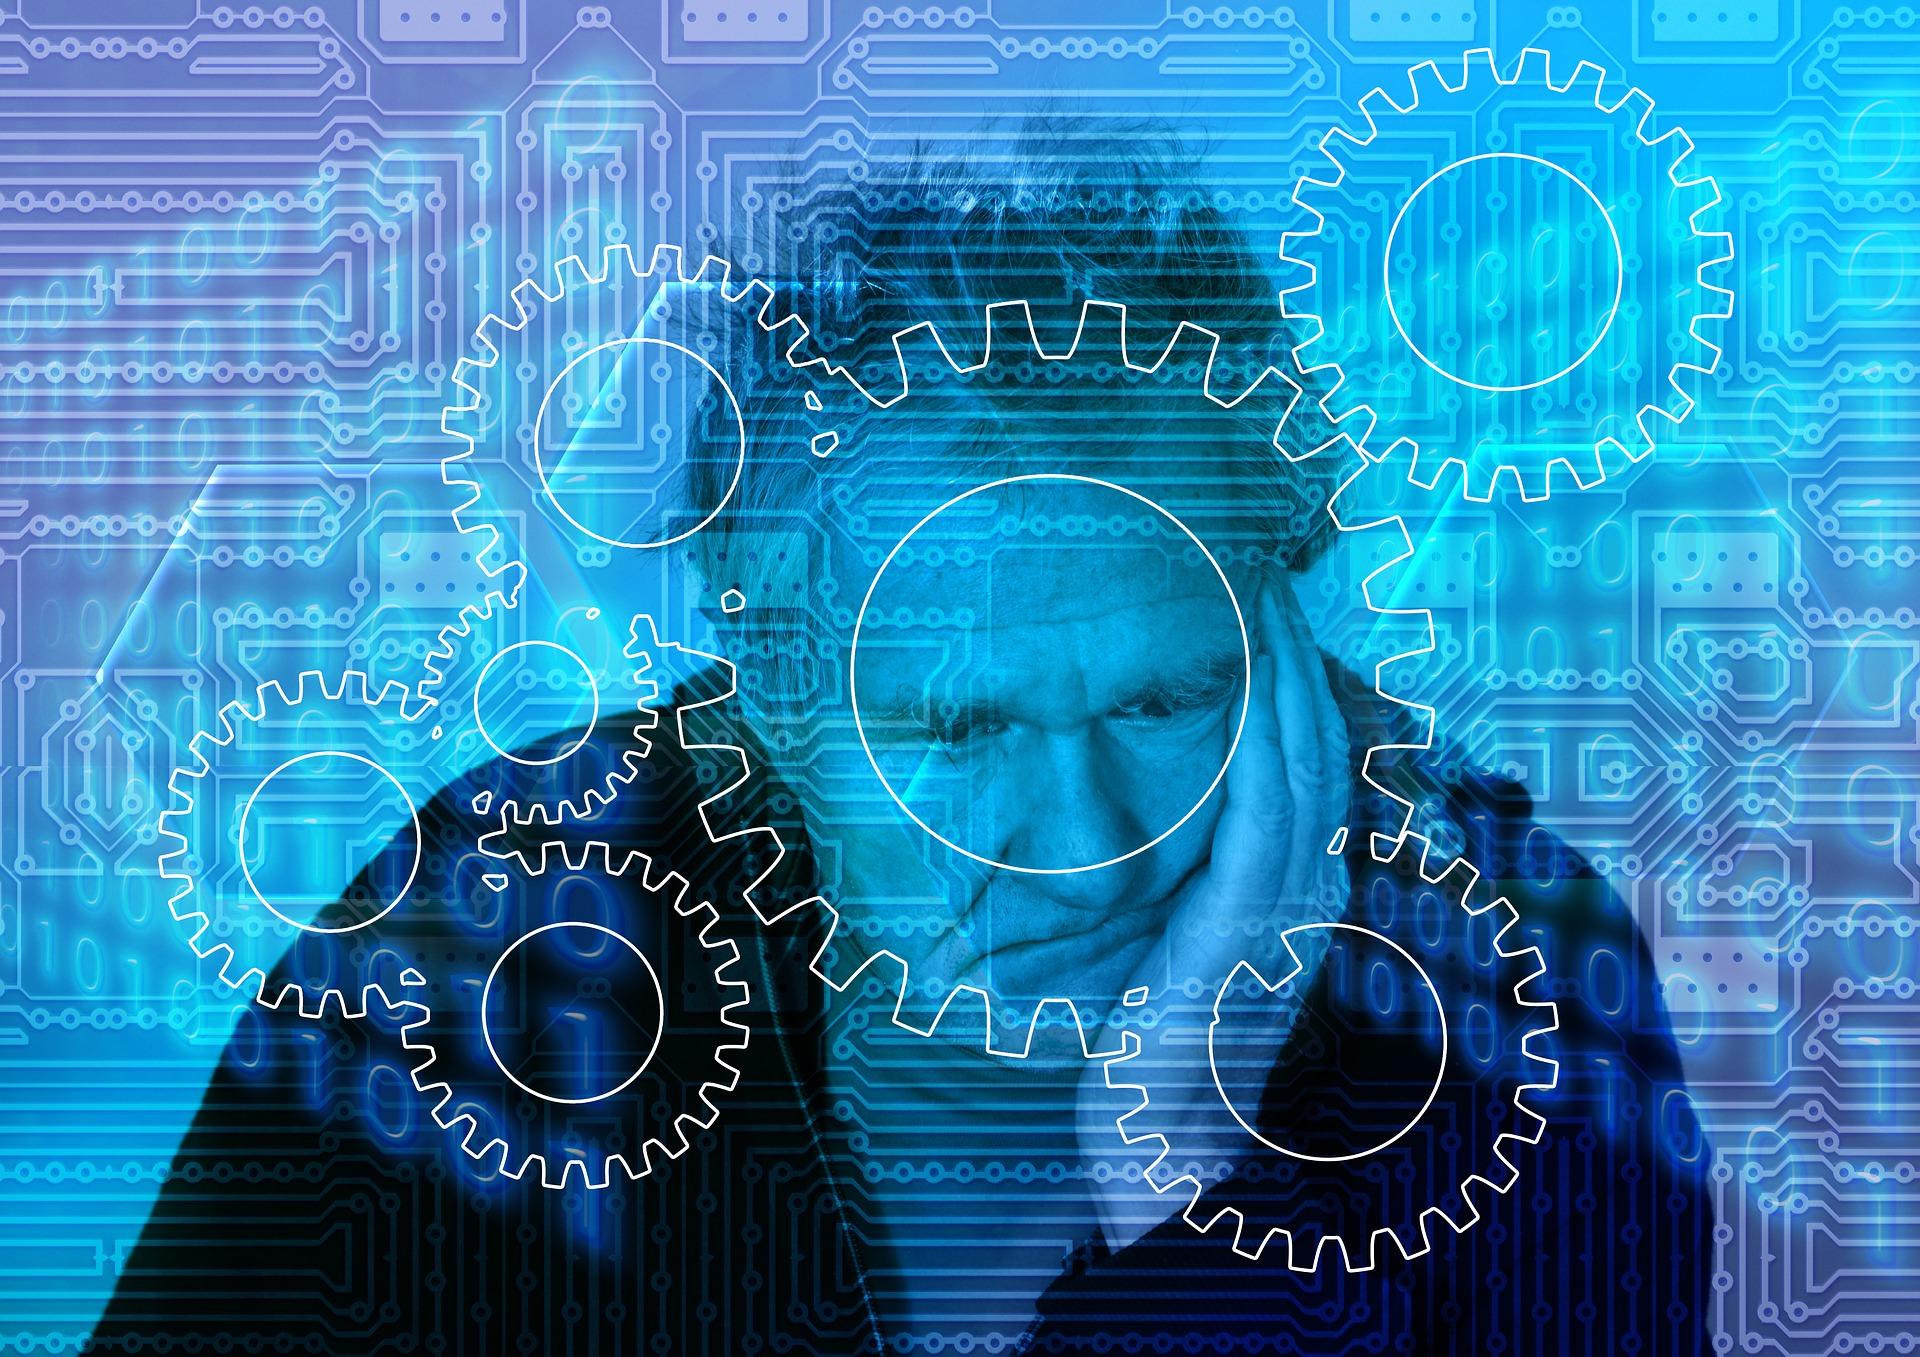 Mann digitaler Nachlass